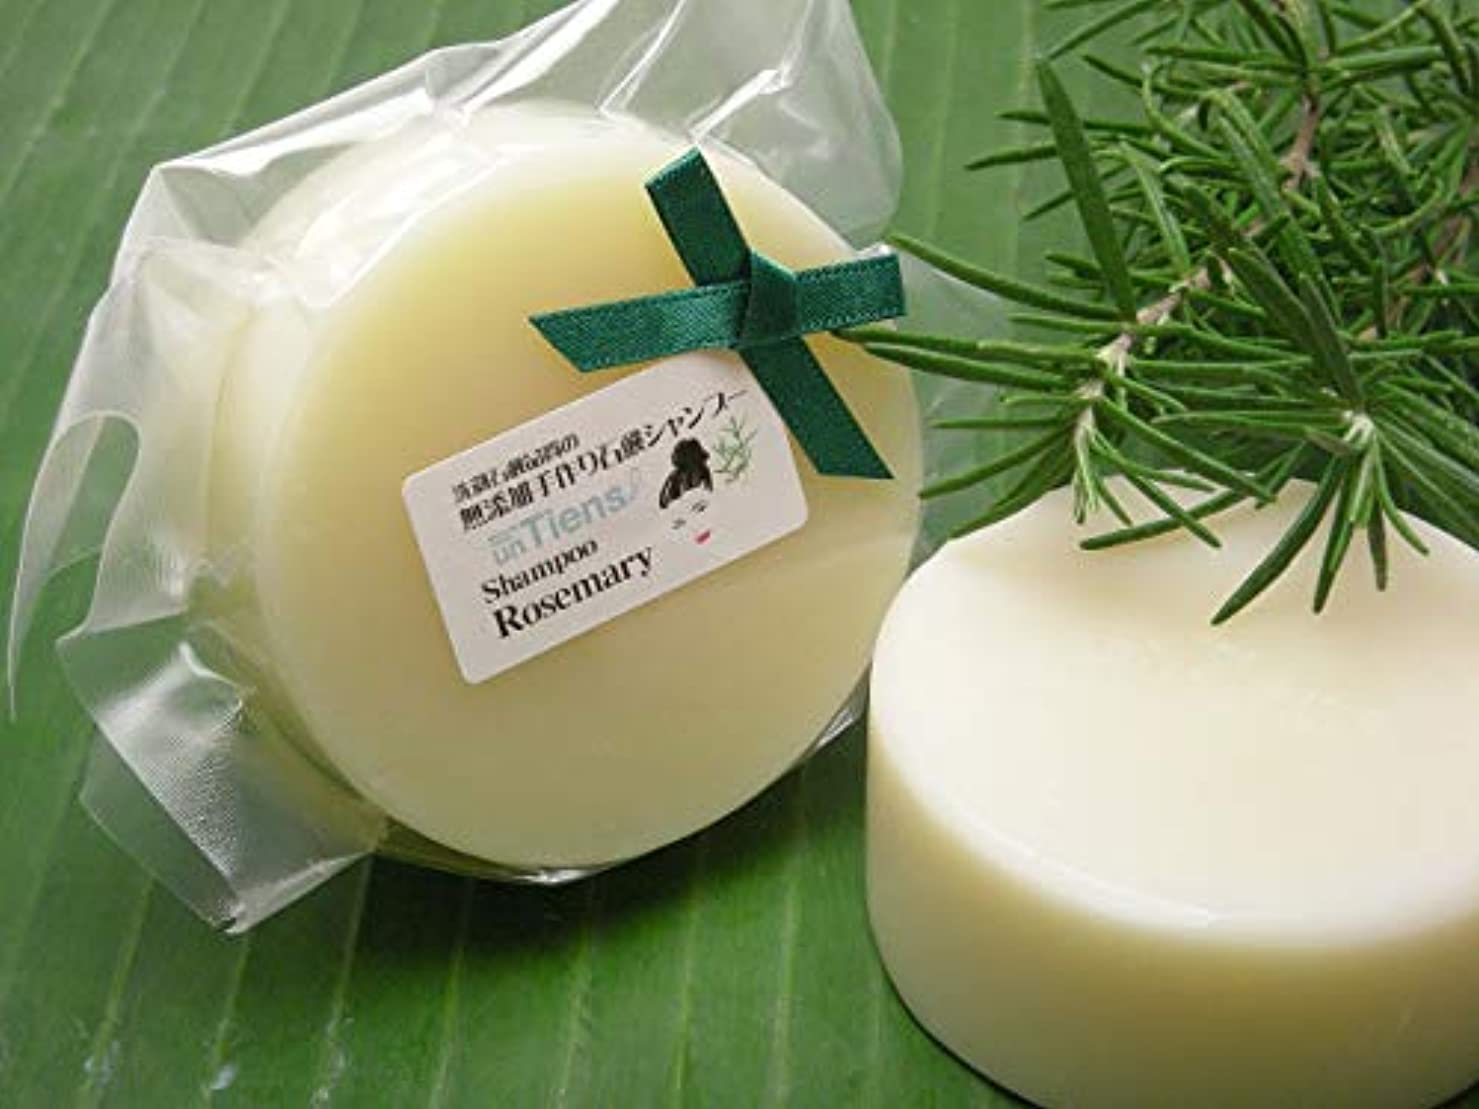 無視するできないはっきりと洗顔石鹸品質の無添加手作り固形石鹸シャンプー 「ローズマリー」たっぷり使える丸型100g